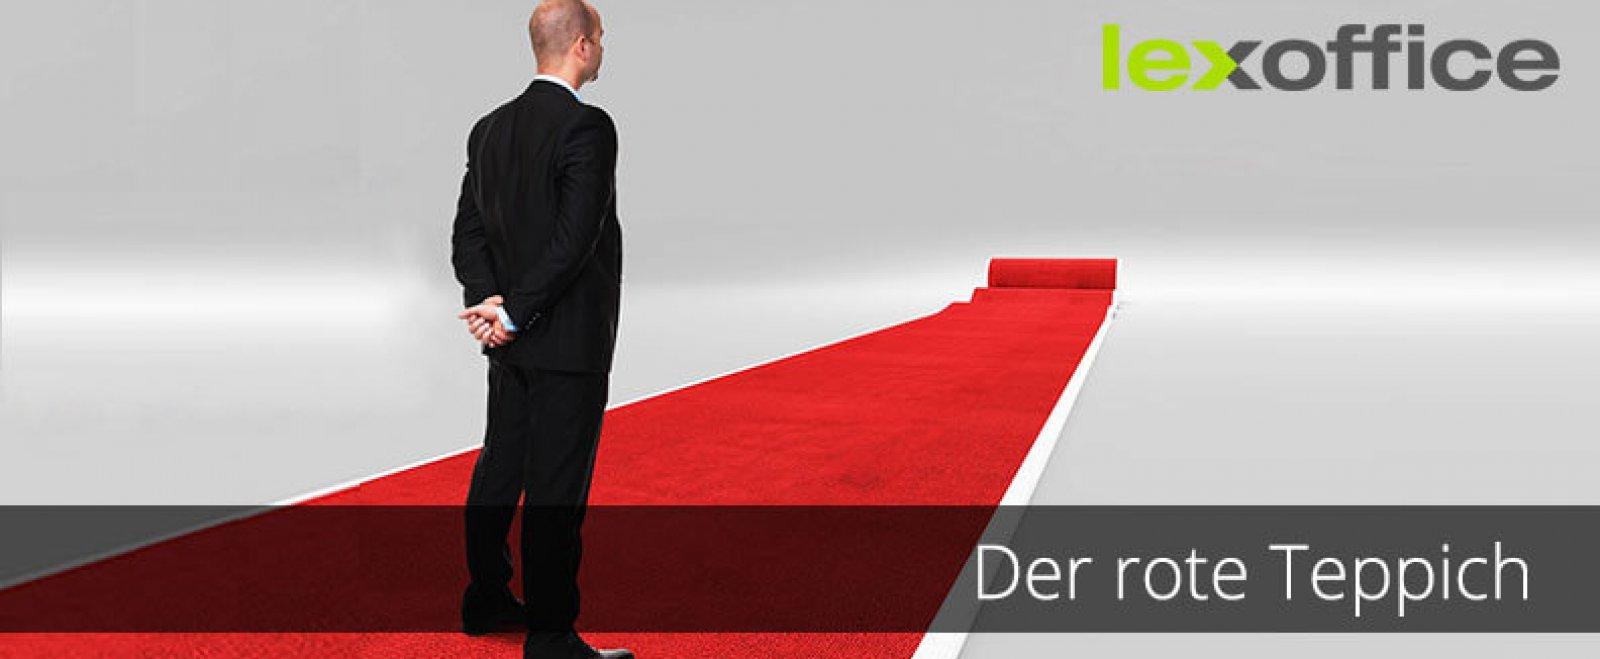 Der rote Teppich für Deine Kunden: Service vom Feinsten